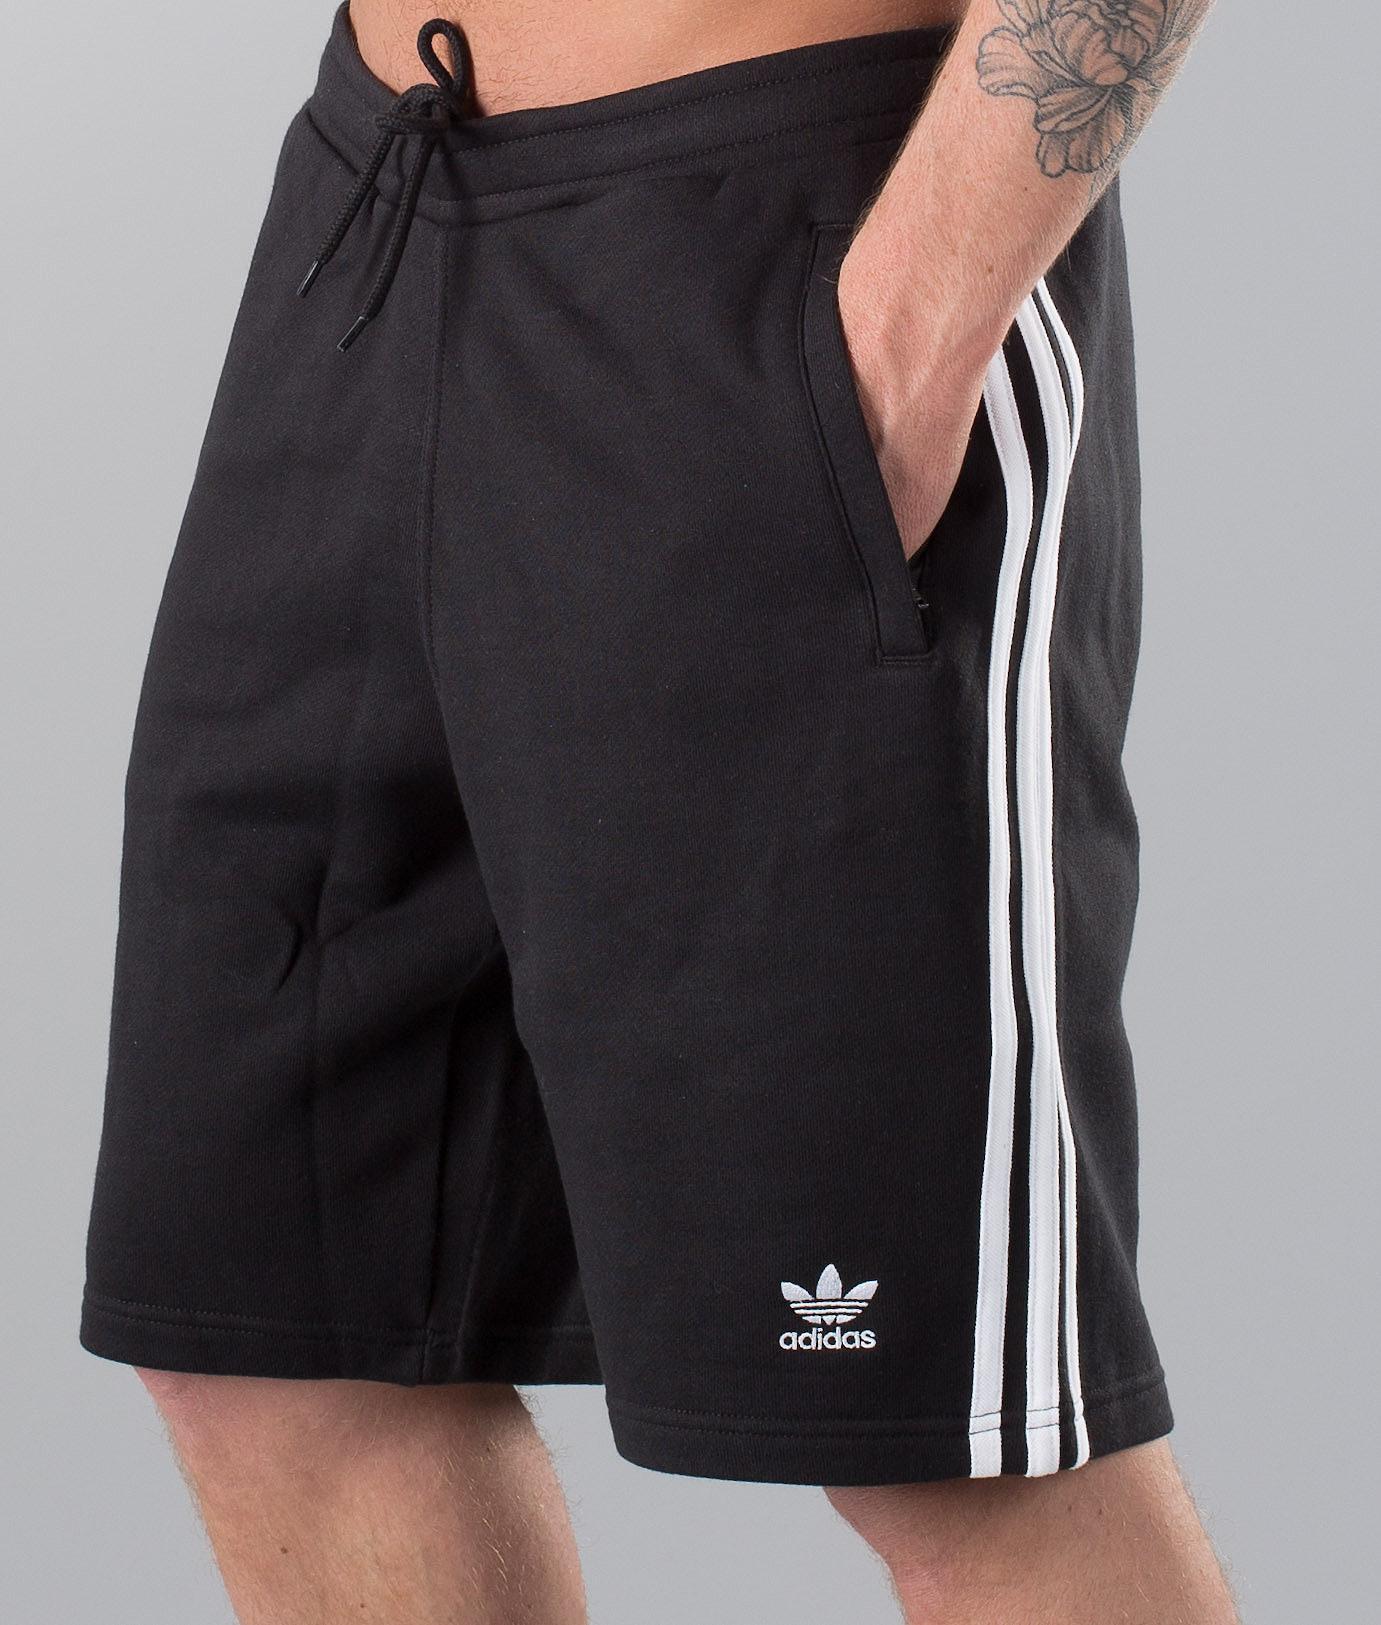 610b945f Adidas Originals 3-Stripes Shorts Black - Ridestore.com